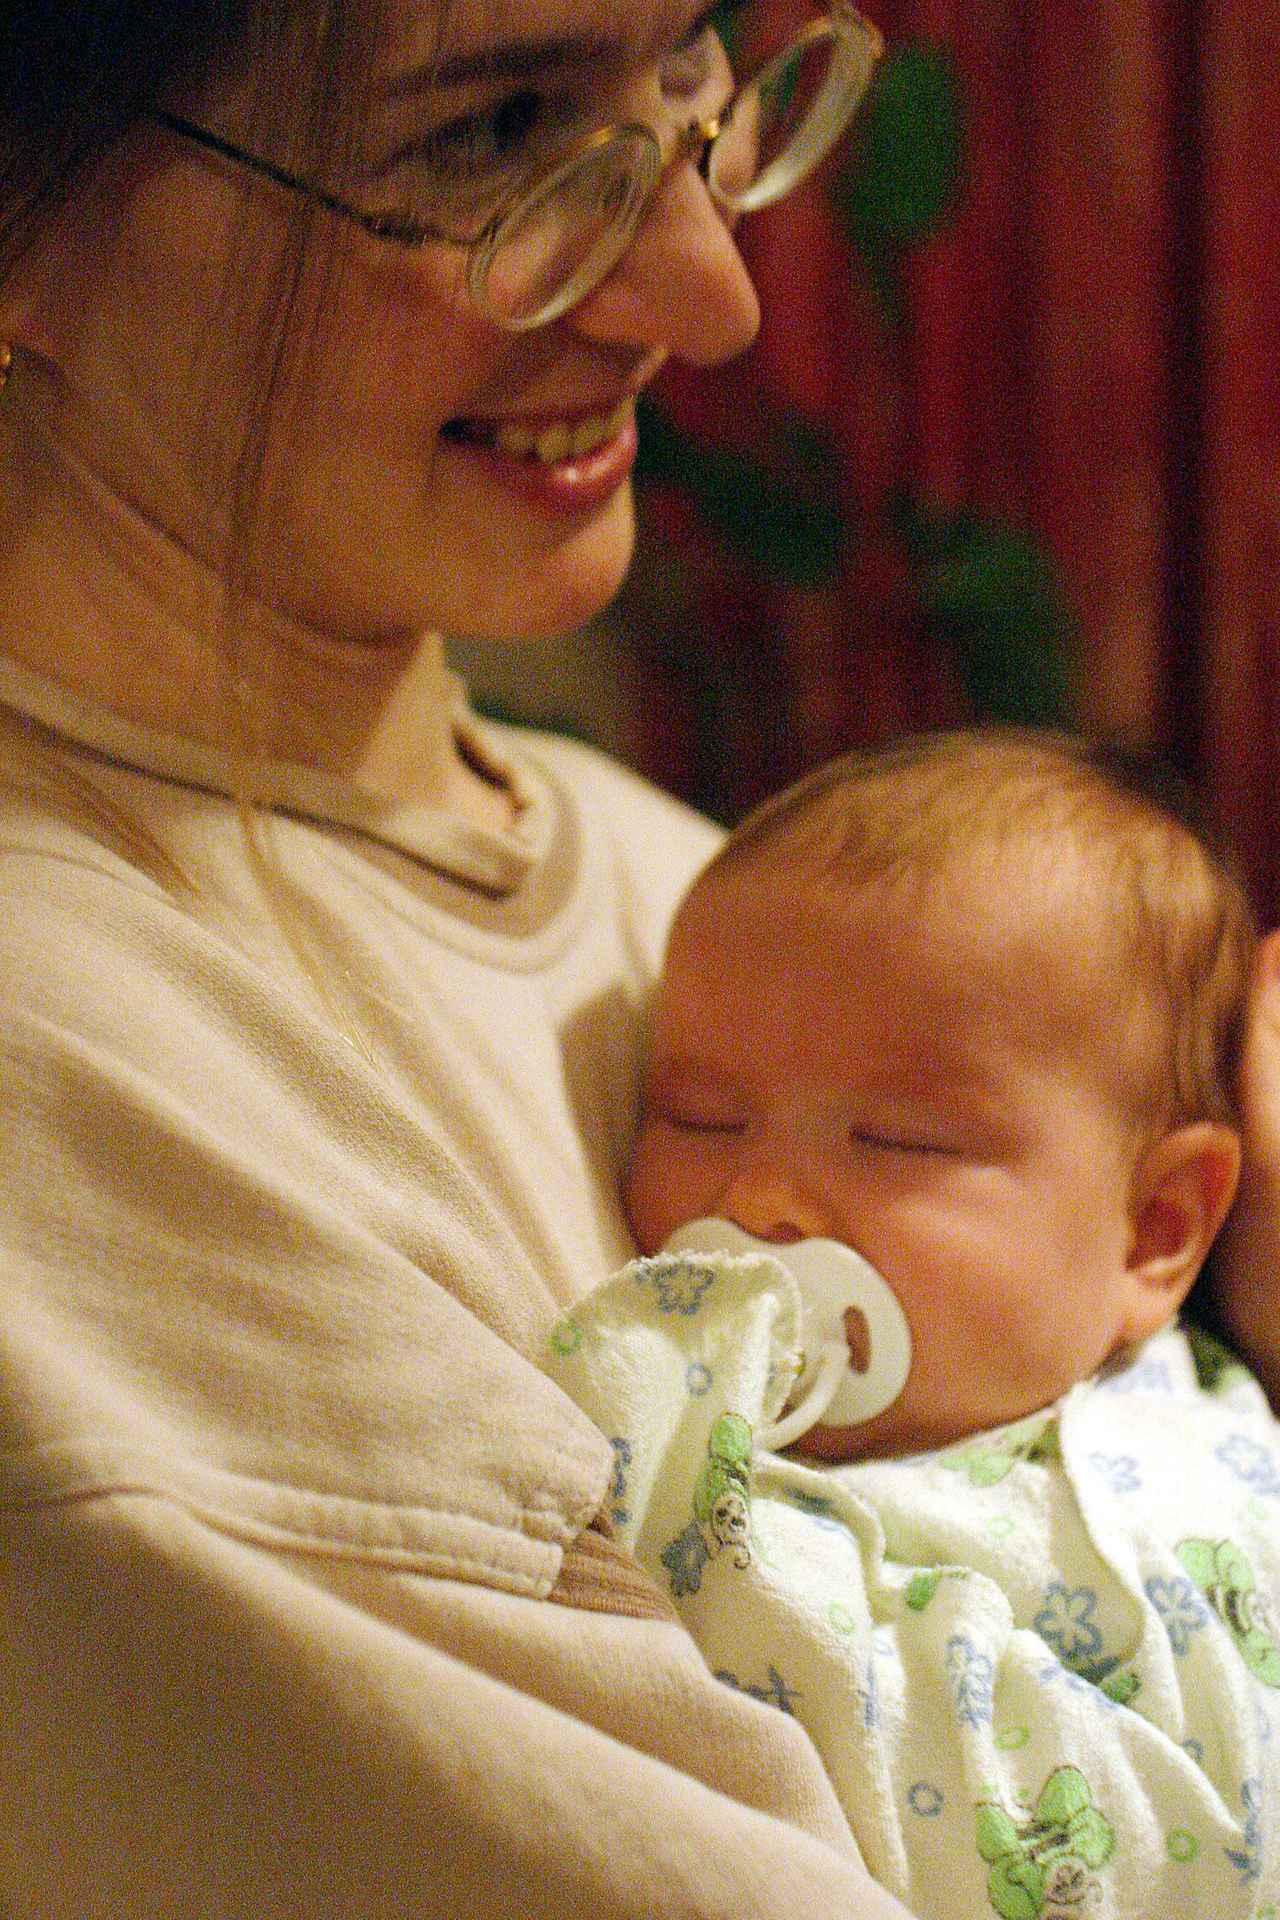 画像: クラスノヤルスクにあるイーゴリさん宅にて。イーゴリさんも初めて会うという、生後3ヶ月のヴィクトリアちゃん。奥さんも嬉しそうだ。